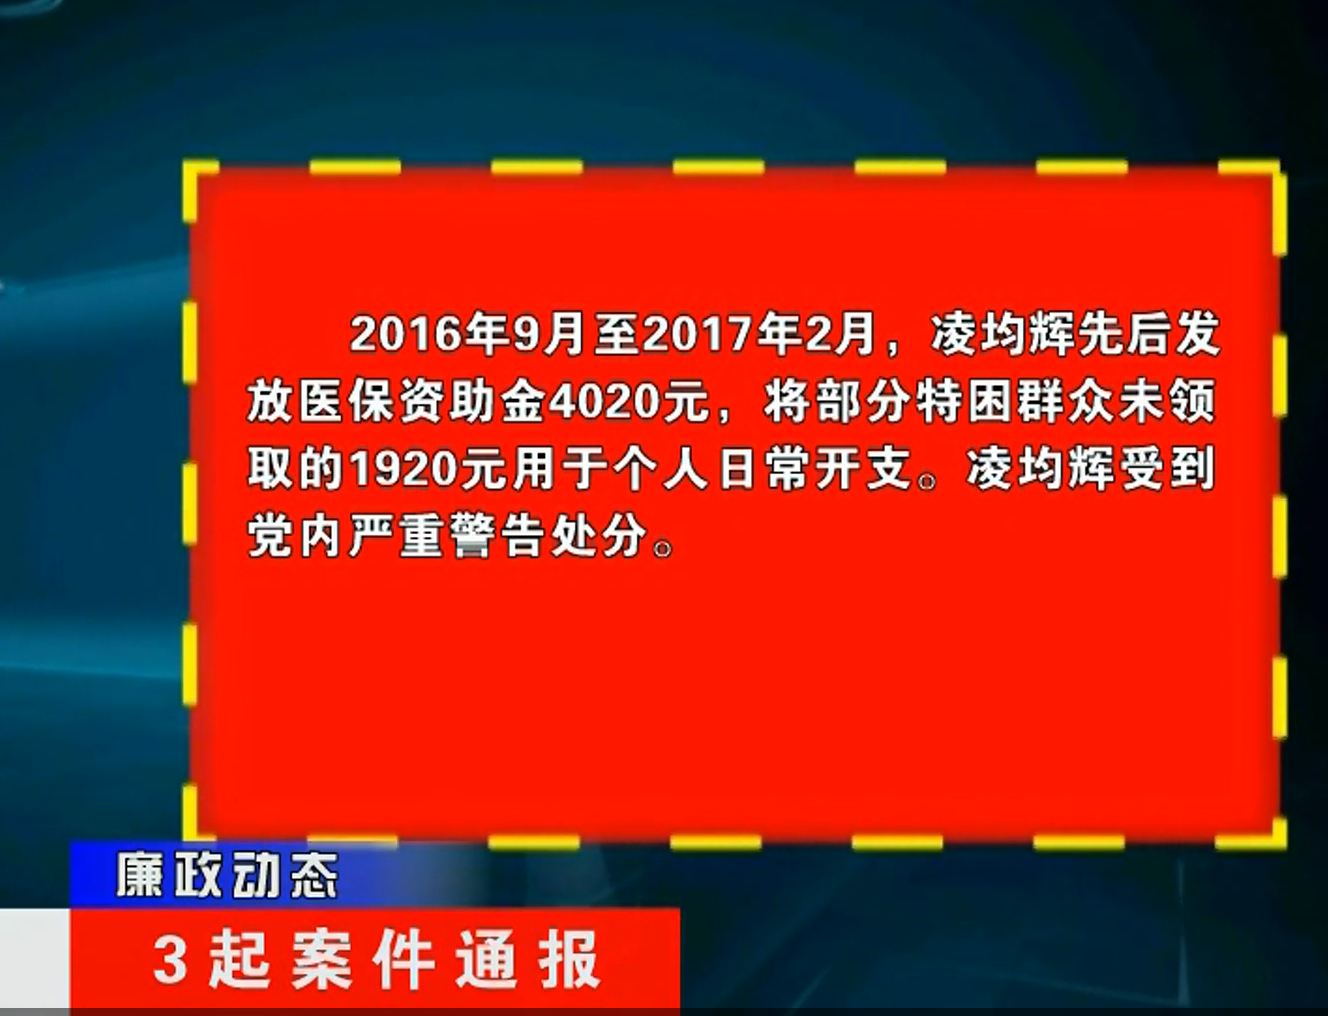 蓬安乡镇3起村干部违纪通报 - 第6张  | 蓬安在线